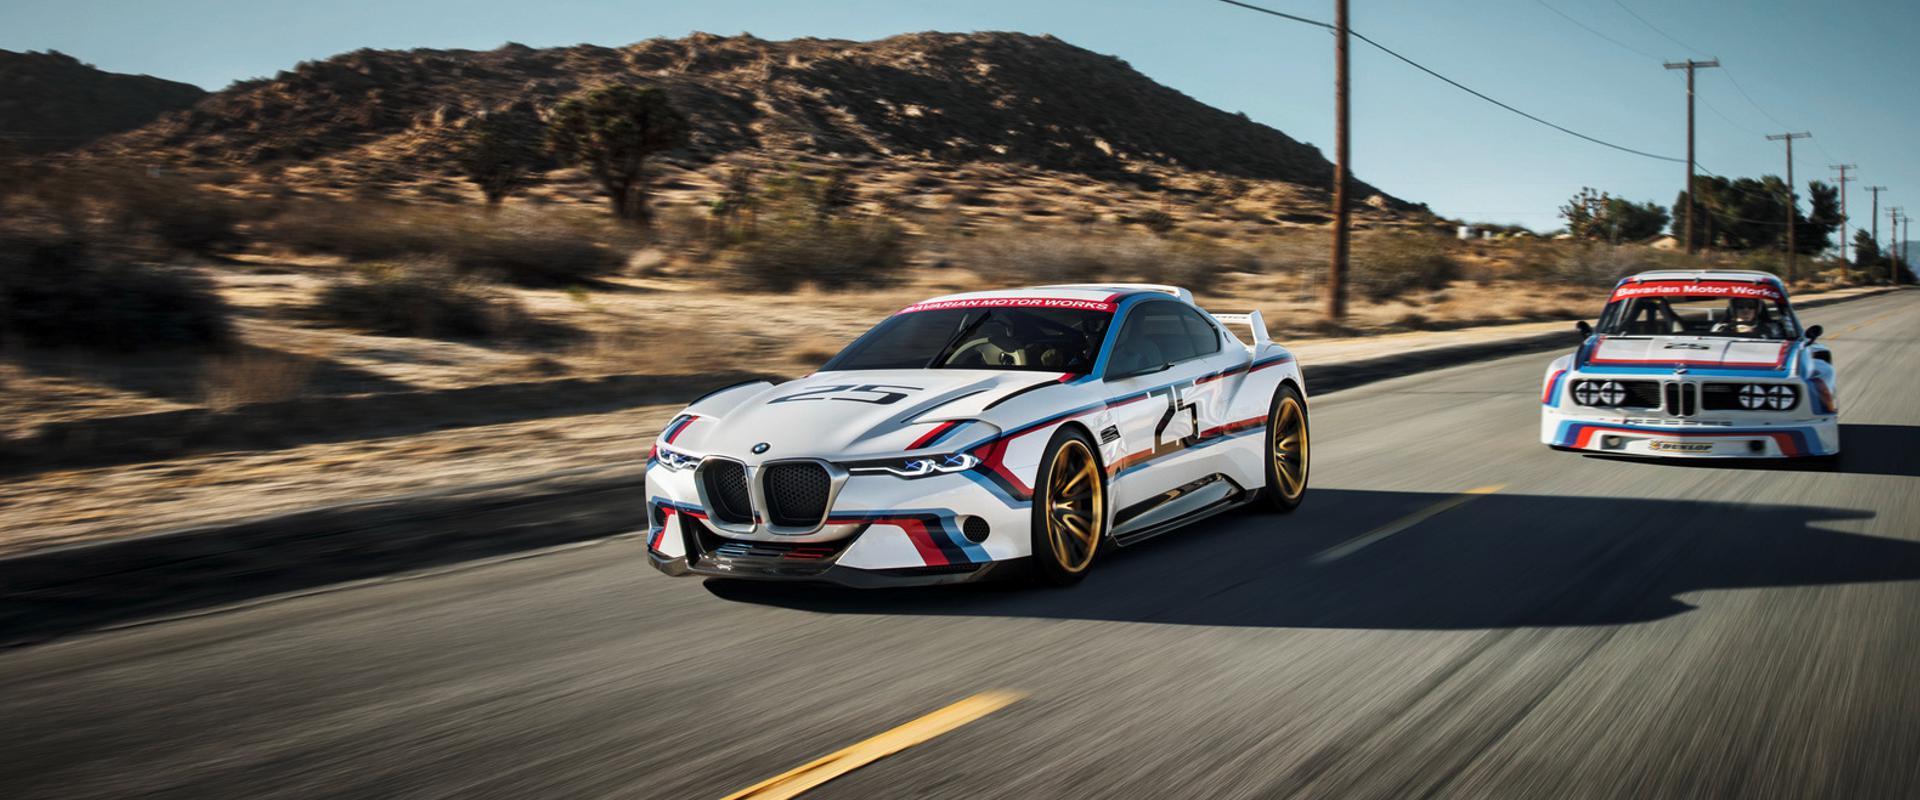 BMW predstavlja 3.0 CSL Hommage R